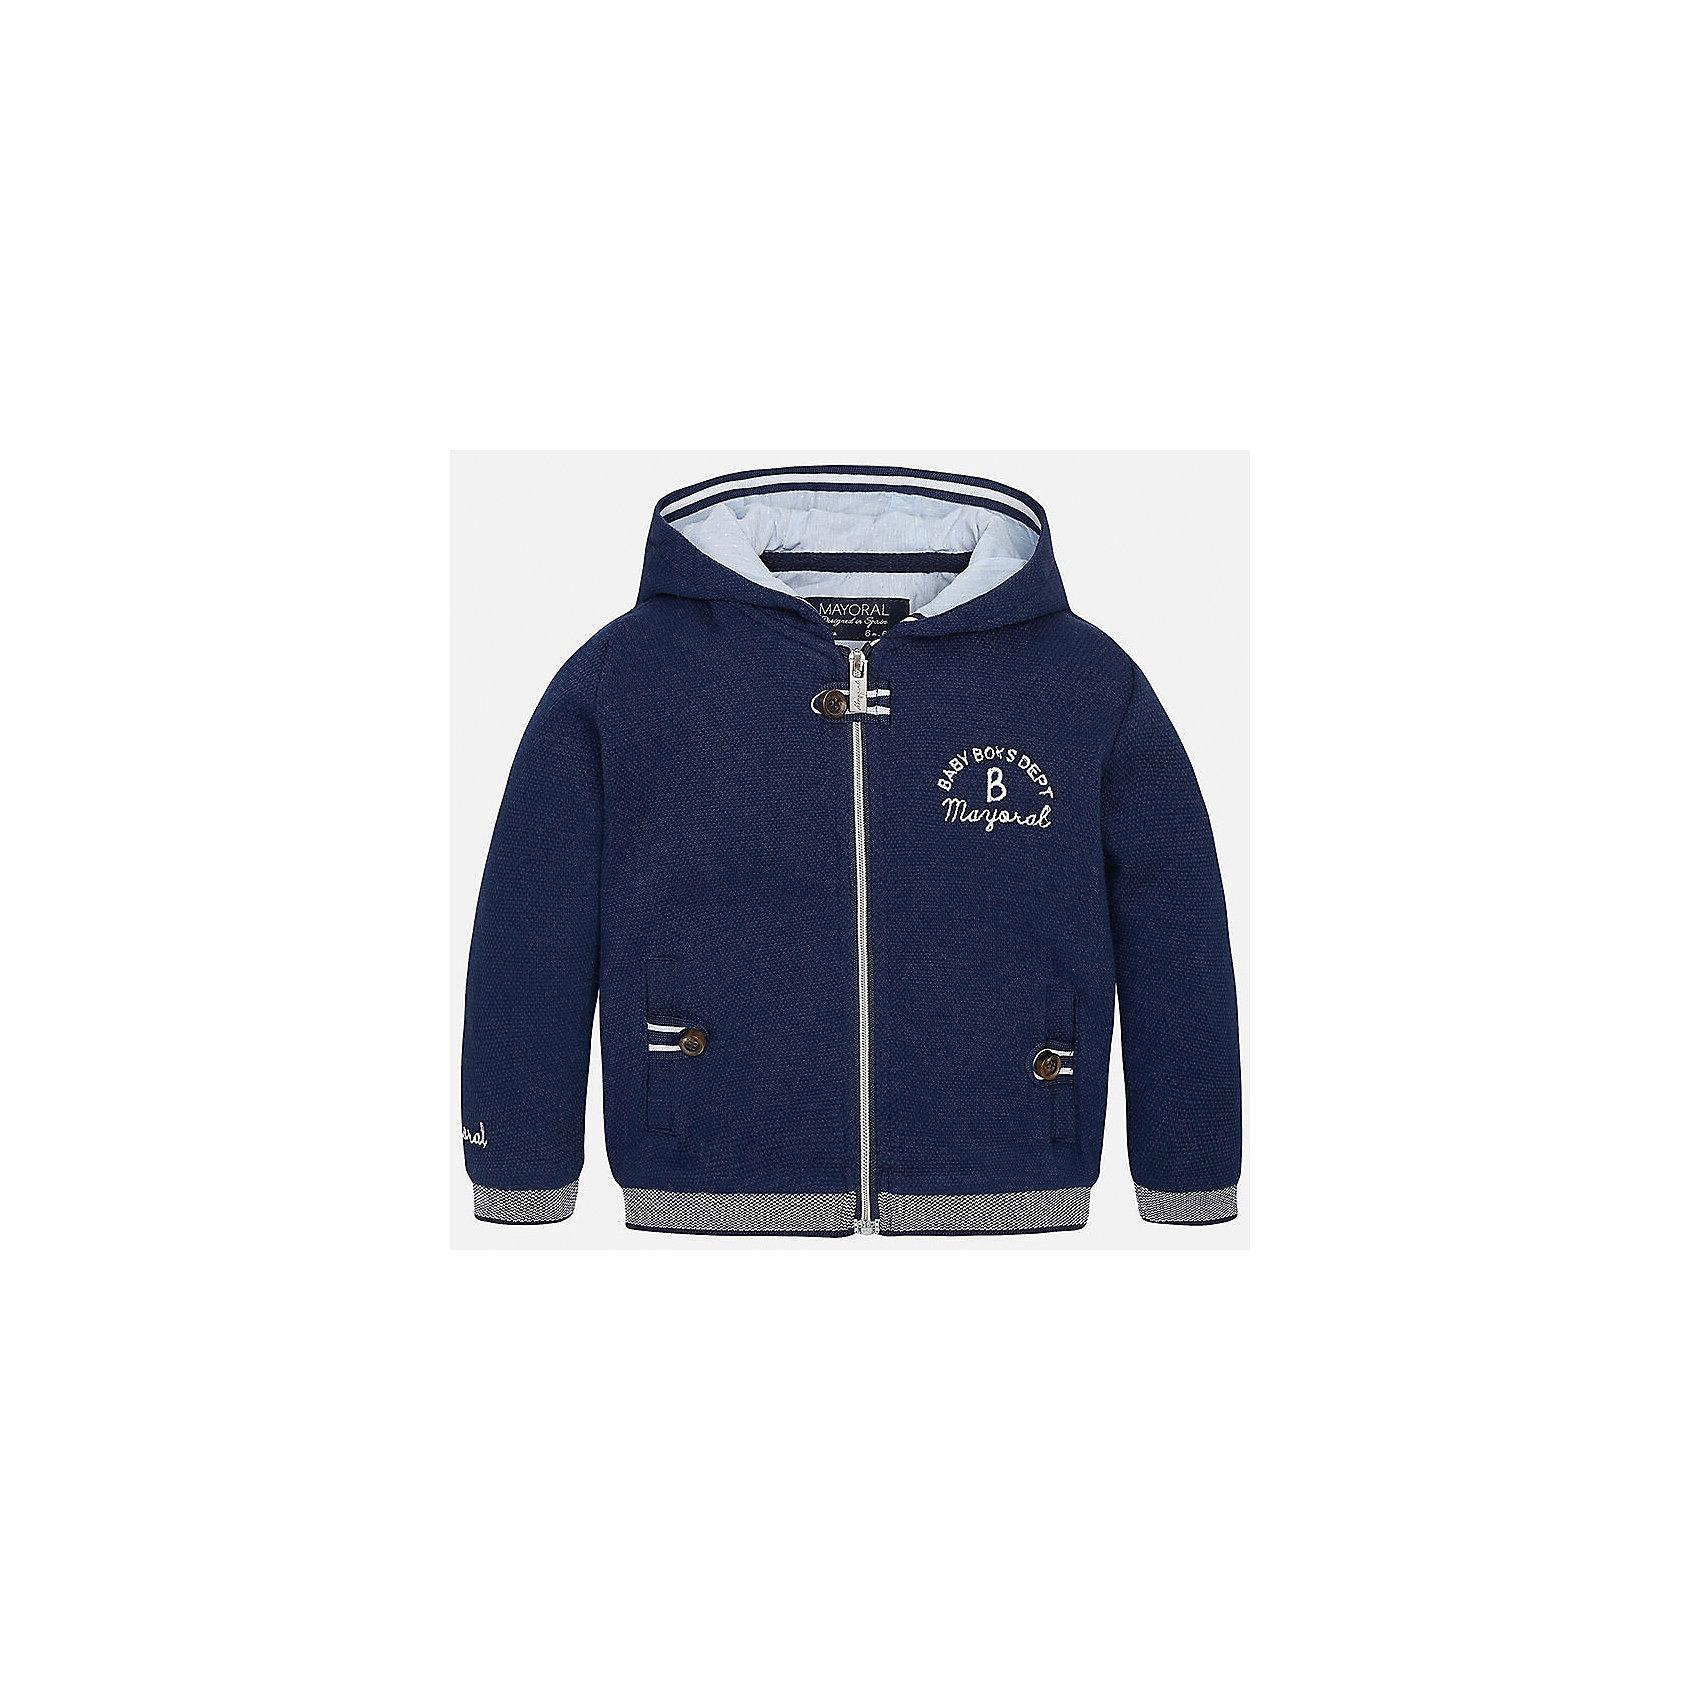 Толстовка для мальчика MayoralТолстовки, свитера, кардиганы<br>Характеристики товара:<br><br>• цвет: синий<br>• состав: 65% хлопок, 35% полиэстер<br>• рукава длинные <br>• карманы<br>• молния<br>• капюшон<br>• страна бренда: Испания<br><br>Удобная модная толстовка для мальчика поможет разнообразить гардероб ребенка и обеспечить тепло. Она отлично сочетается и с джинсами, и с брюками. Универсальный цвет позволяет подобрать к вещи низ различных расцветок. Интересная отделка модели делает её нарядной и оригинальной. В составе материала - натуральный хлопок, гипоаллергенный, приятный на ощупь, дышащий.<br><br>Одежда, обувь и аксессуары от испанского бренда Mayoral полюбились детям и взрослым по всему миру. Модели этой марки - стильные и удобные. Для их производства используются только безопасные, качественные материалы и фурнитура. Порадуйте ребенка модными и красивыми вещами от Mayoral! <br><br>Толстовка для мальчика от испанского бренда Mayoral (Майорал) можно купить в нашем интернет-магазине.<br><br>Ширина мм: 356<br>Глубина мм: 10<br>Высота мм: 245<br>Вес г: 519<br>Цвет: синий<br>Возраст от месяцев: 12<br>Возраст до месяцев: 18<br>Пол: Мужской<br>Возраст: Детский<br>Размер: 86,92,80<br>SKU: 5279576